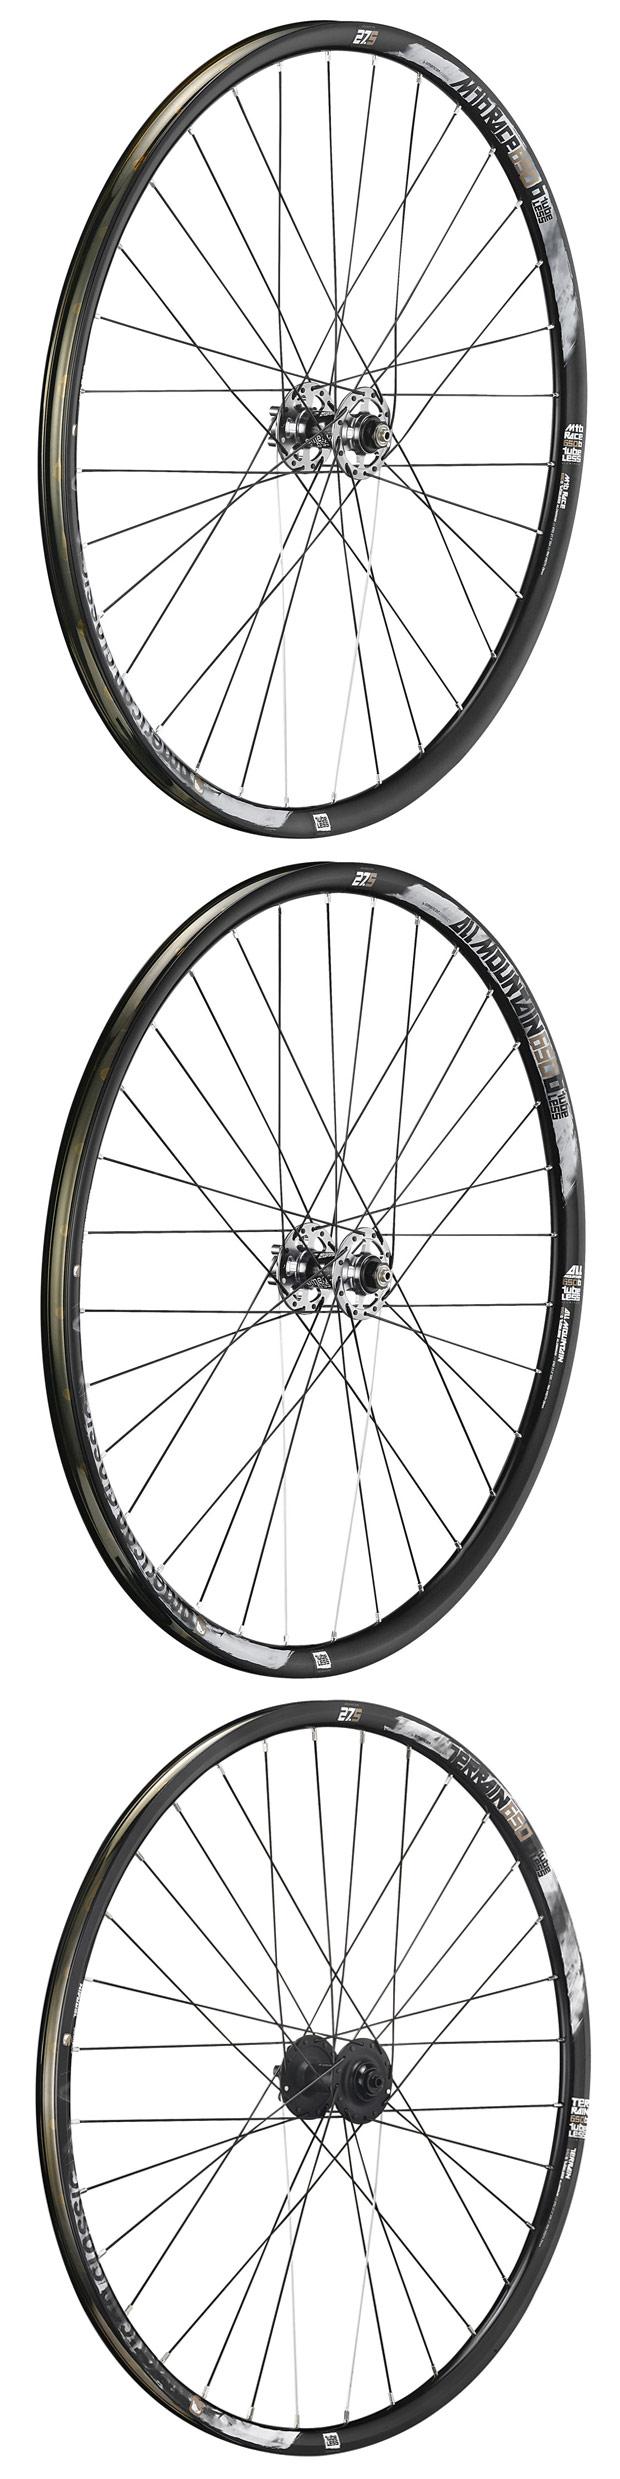 American Classic 2014: Nuevas ruedas de 27.5 pulgadas, nueva llanta 101 Tubeless y nuevo buje Lefty